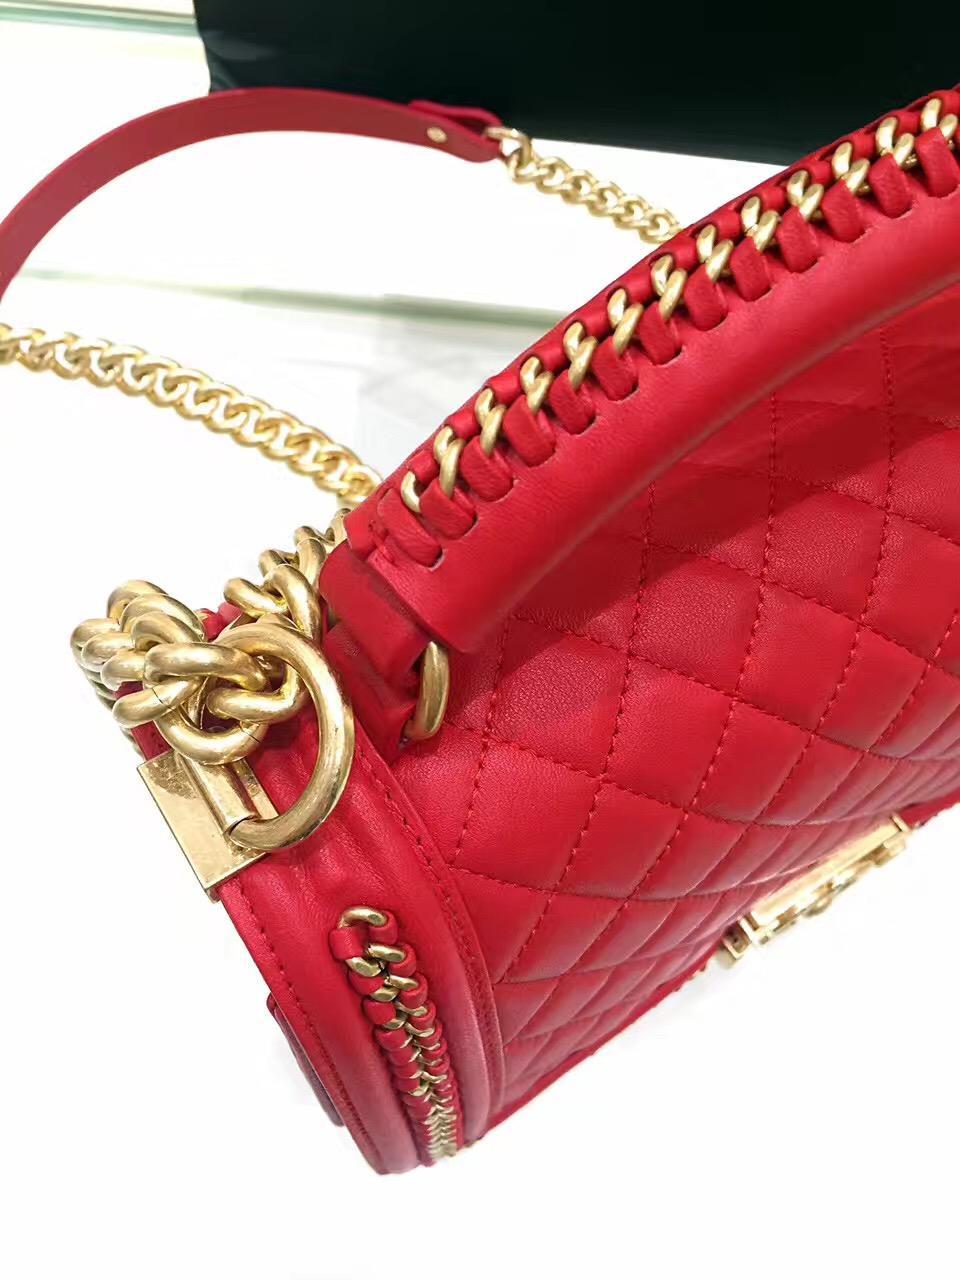 小香包 Leboy bag 28 cm 红色口蓋包 配以手柄鏈條包